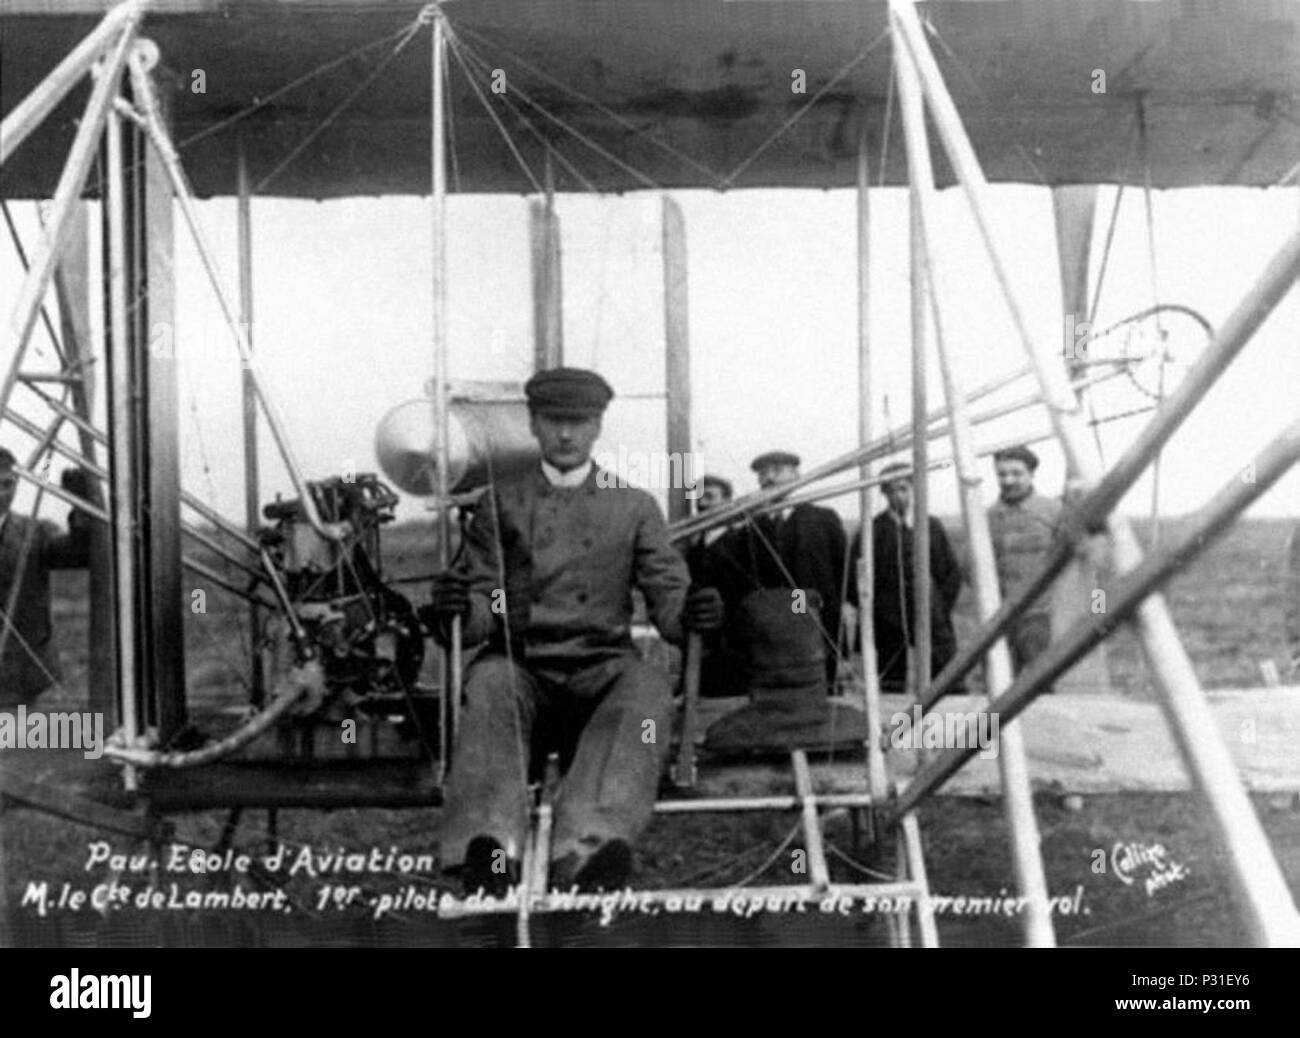 -Carlos Alexandre, Conde de Lambert 1C2BA piloto do biplano Wrigth no seu primeiro voo - Pau, 1908 Foto Stock